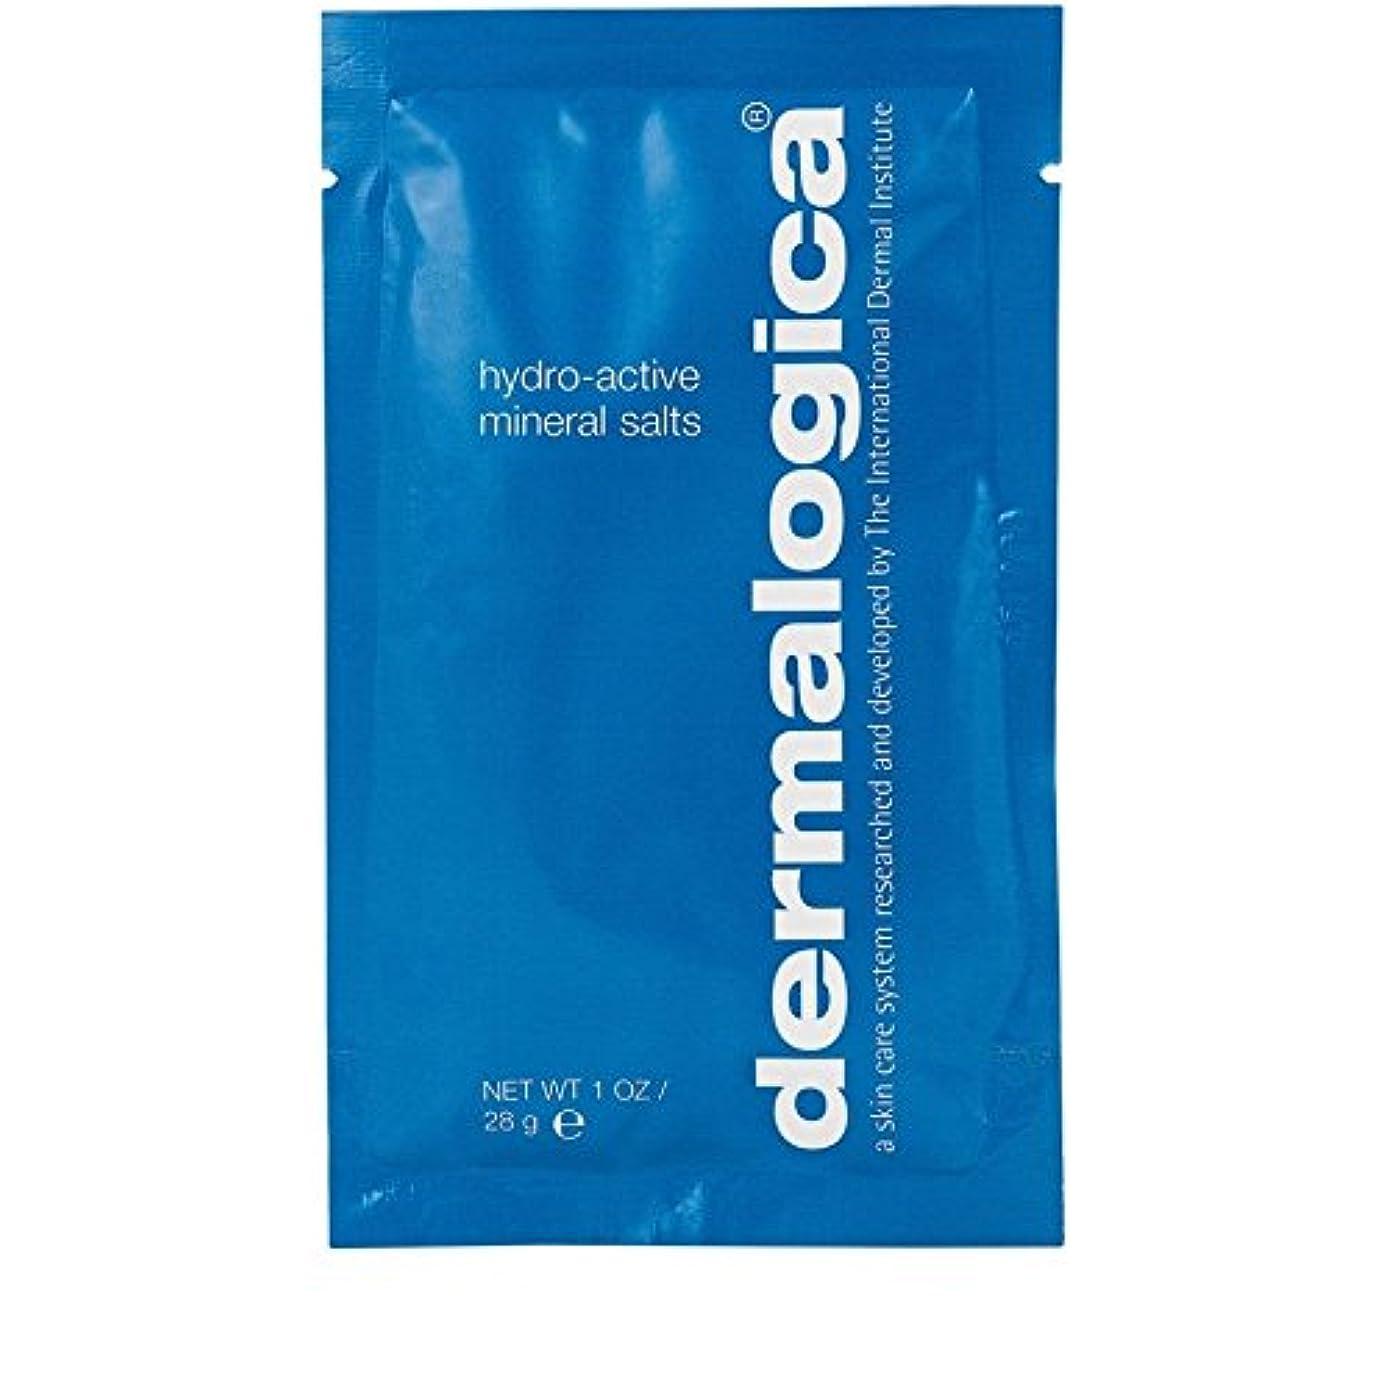 実験室ツイン教えダーマロジカ水力アクティブミネラル塩28グラム x4 - Dermalogica Hydro Active Mineral Salt 28g (Pack of 4) [並行輸入品]